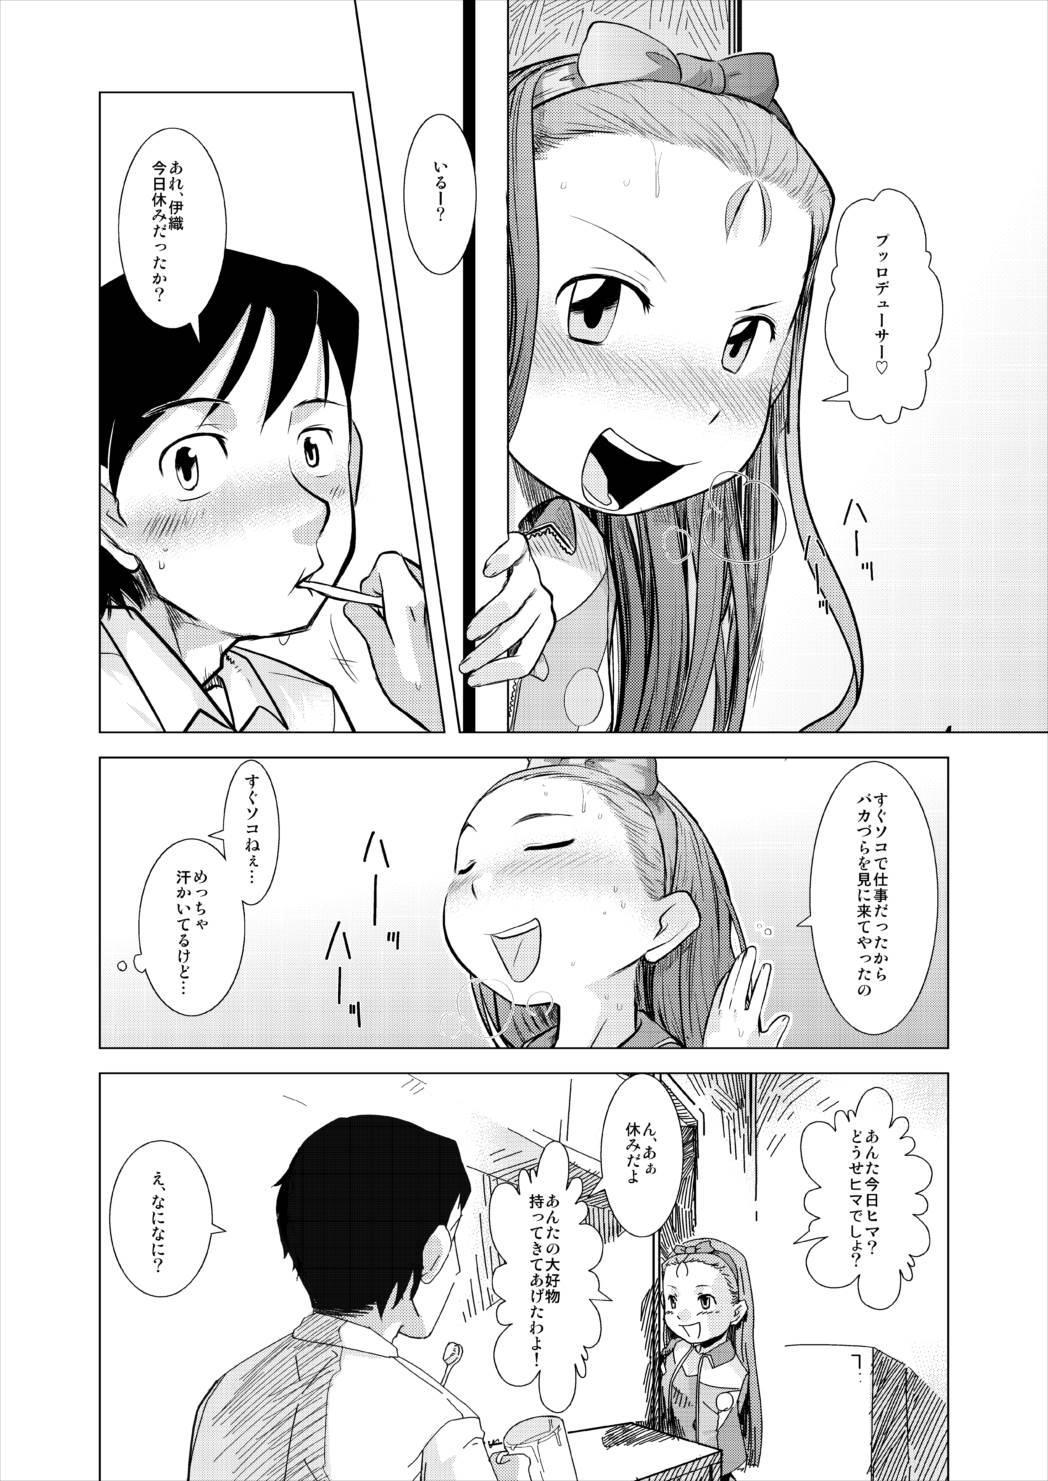 Mokomoko Spats 4